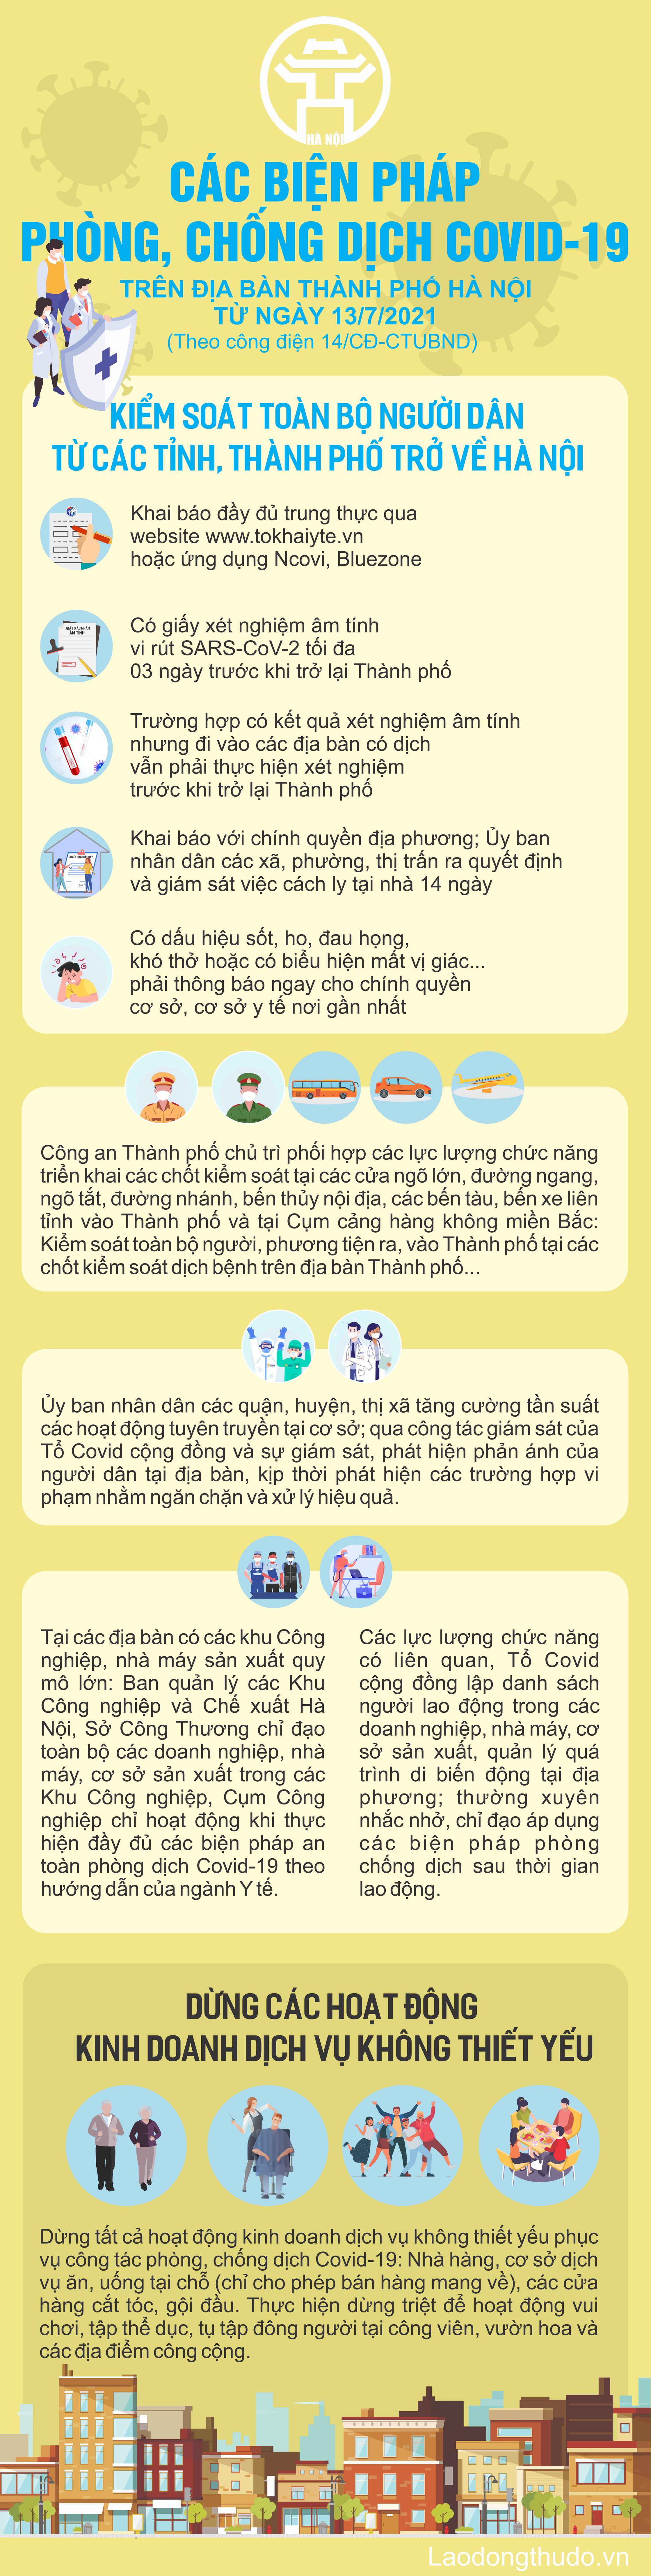 Infographic: Các biện pháp phòng, chống dịch trên địa bàn Hà Nội từ ngày 13/7